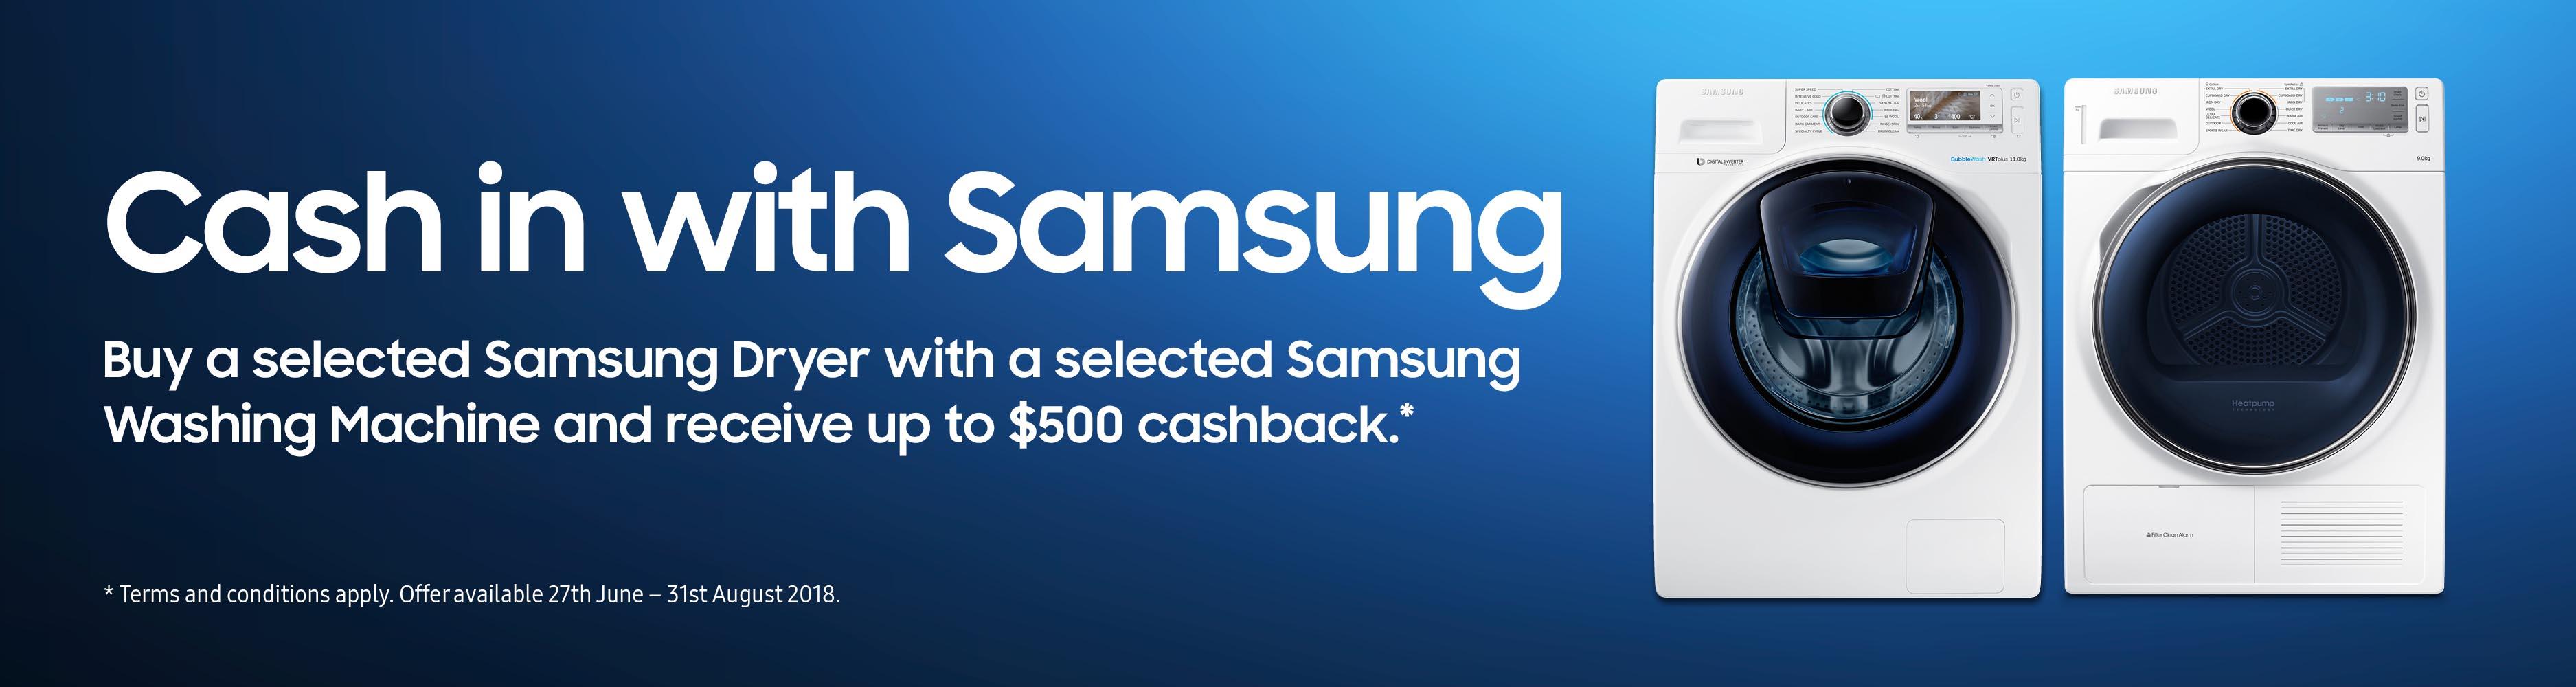 50122 samsung ha cashback promo redemption hn webtile 900x240px v1 4